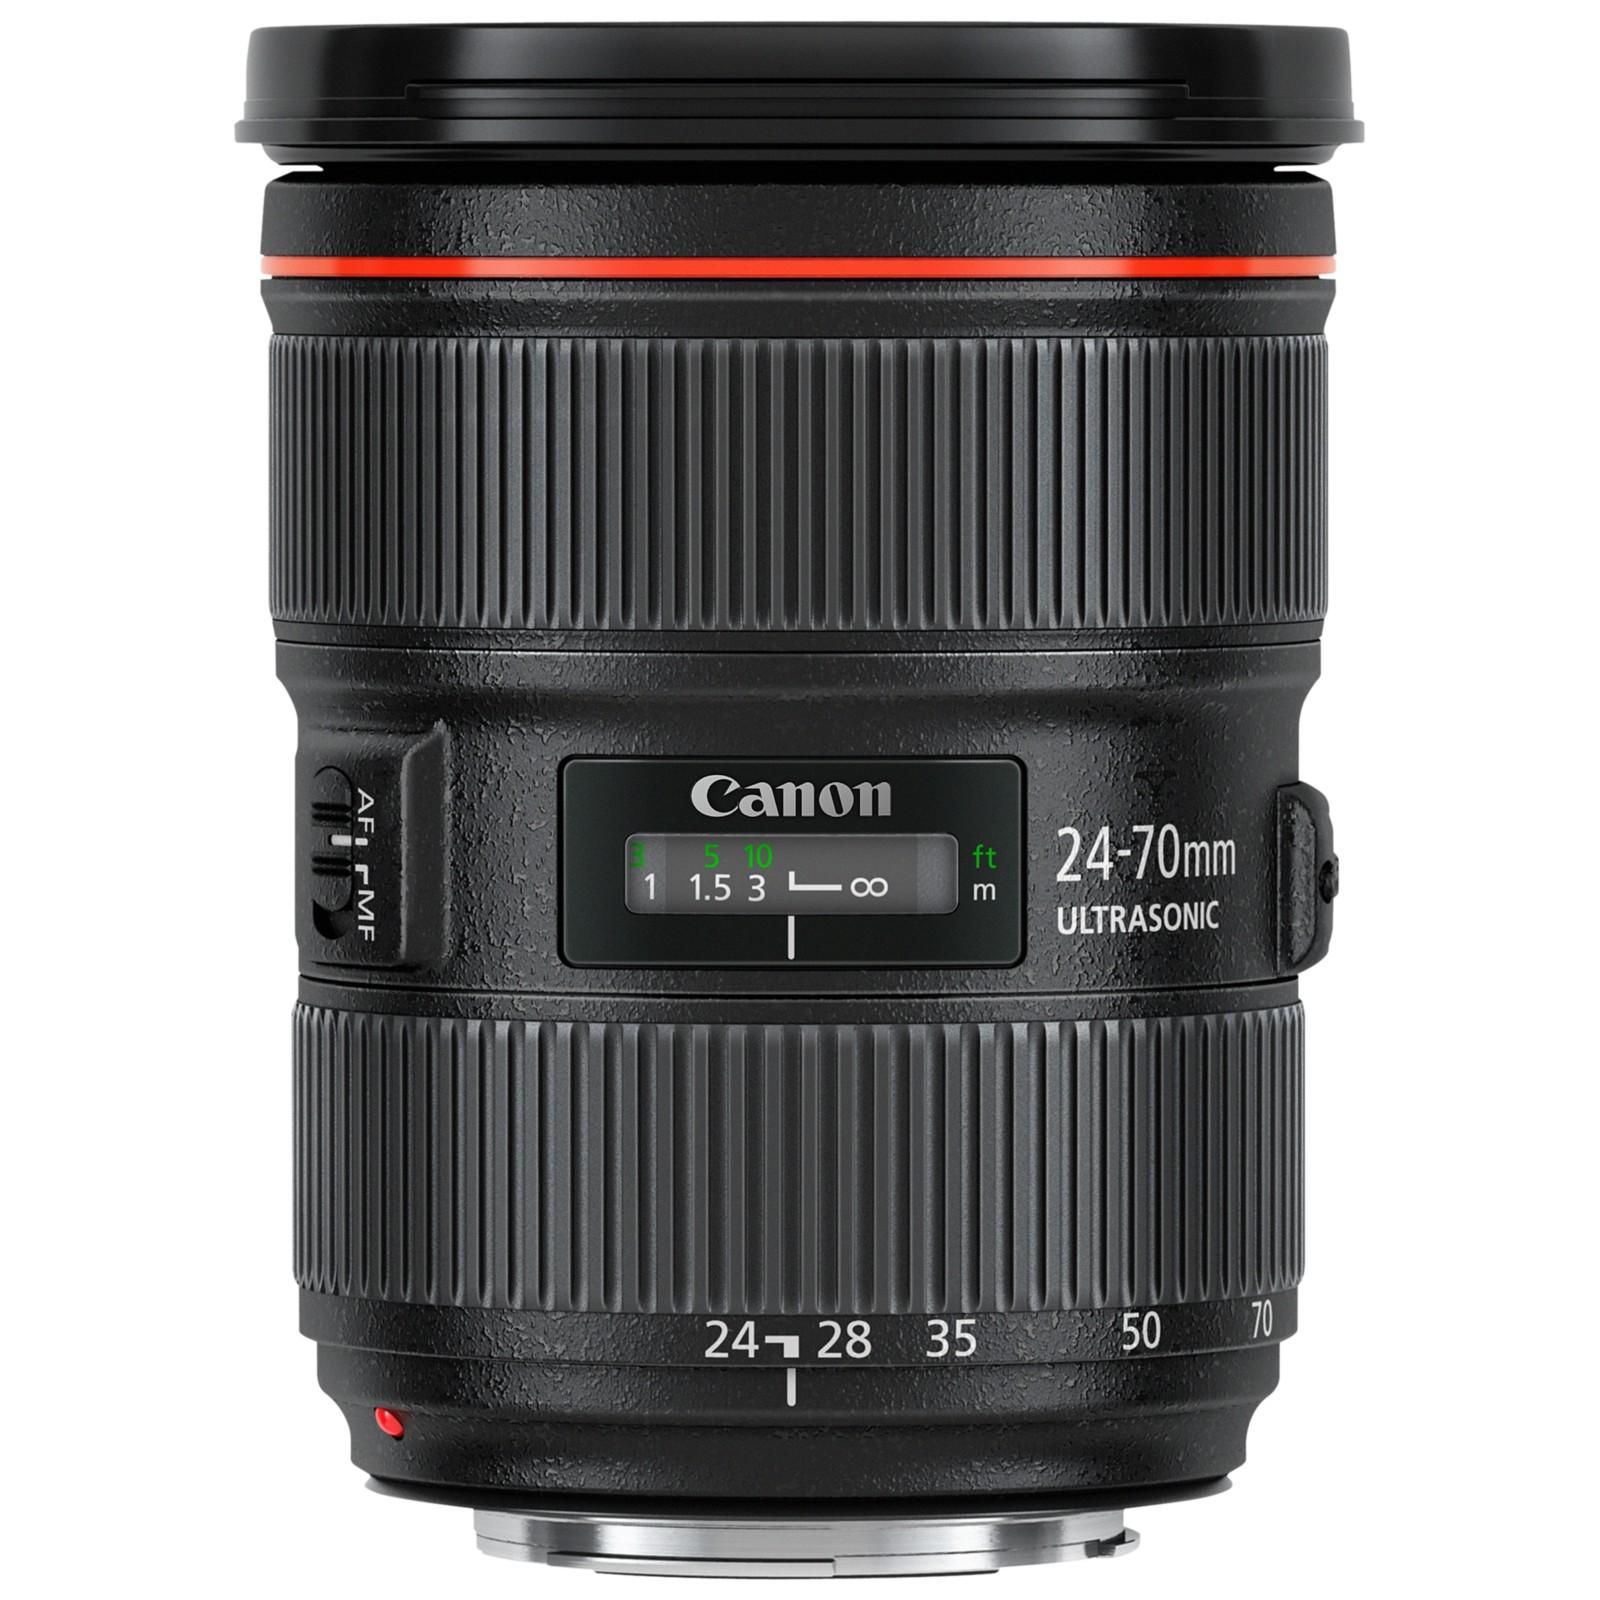 Canon EF 24-70mm f/2.8L II USM Telephoto Lens